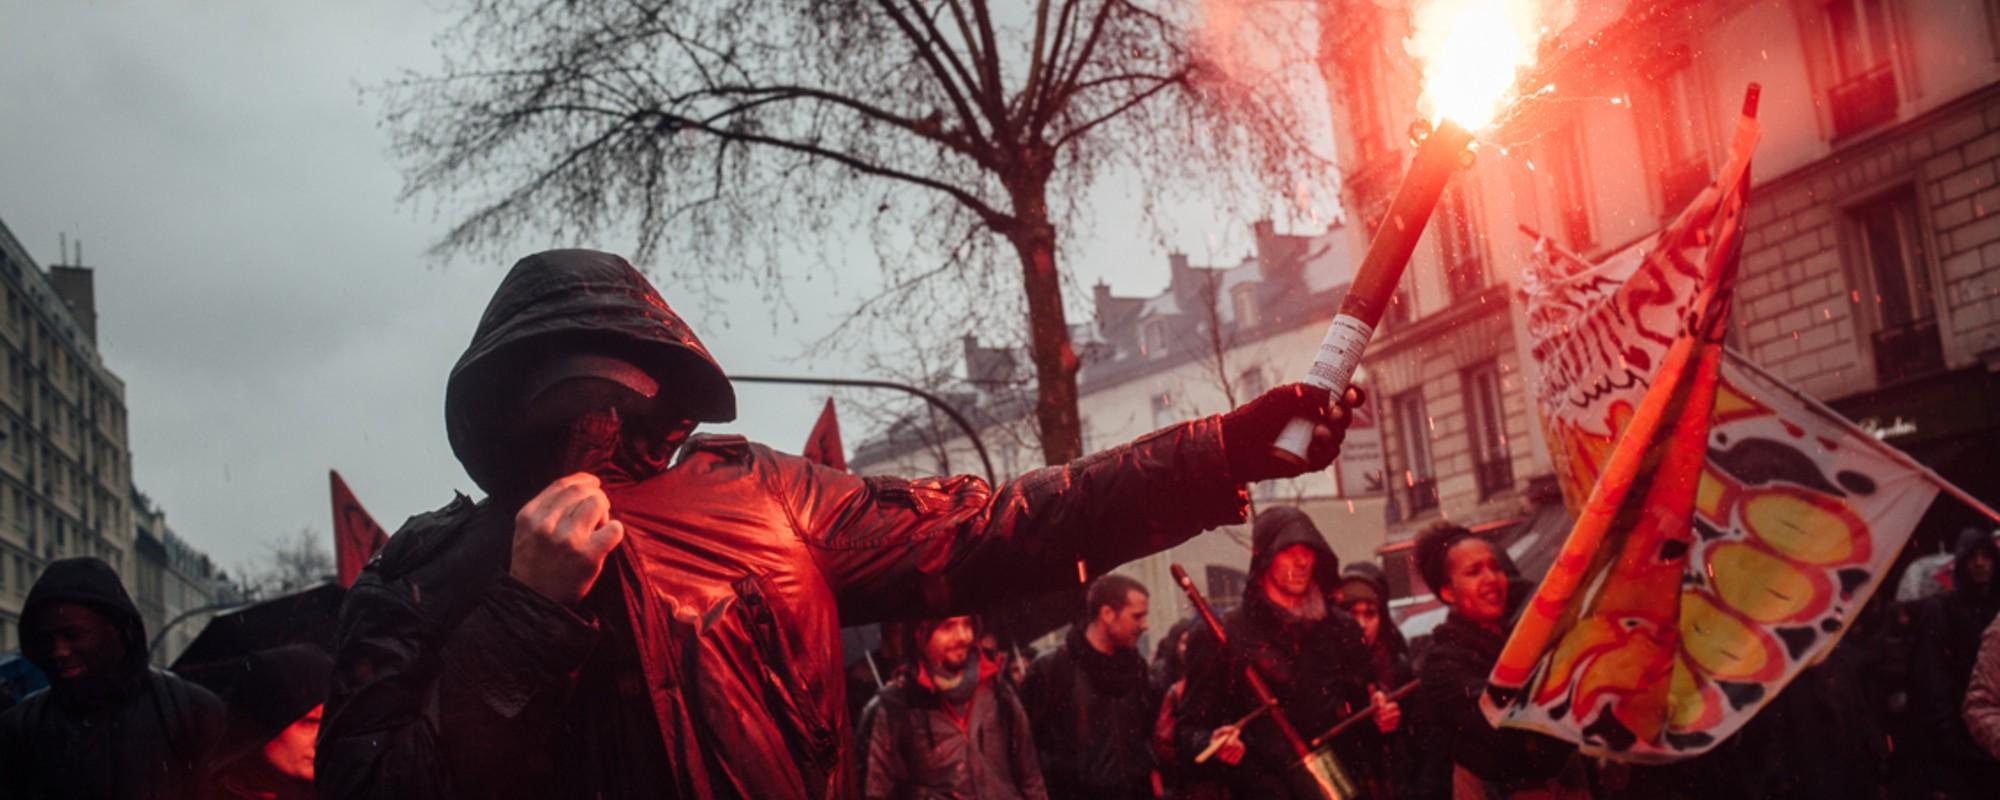 Dans les rangs des cortèges parisiens  contre la loi Travail